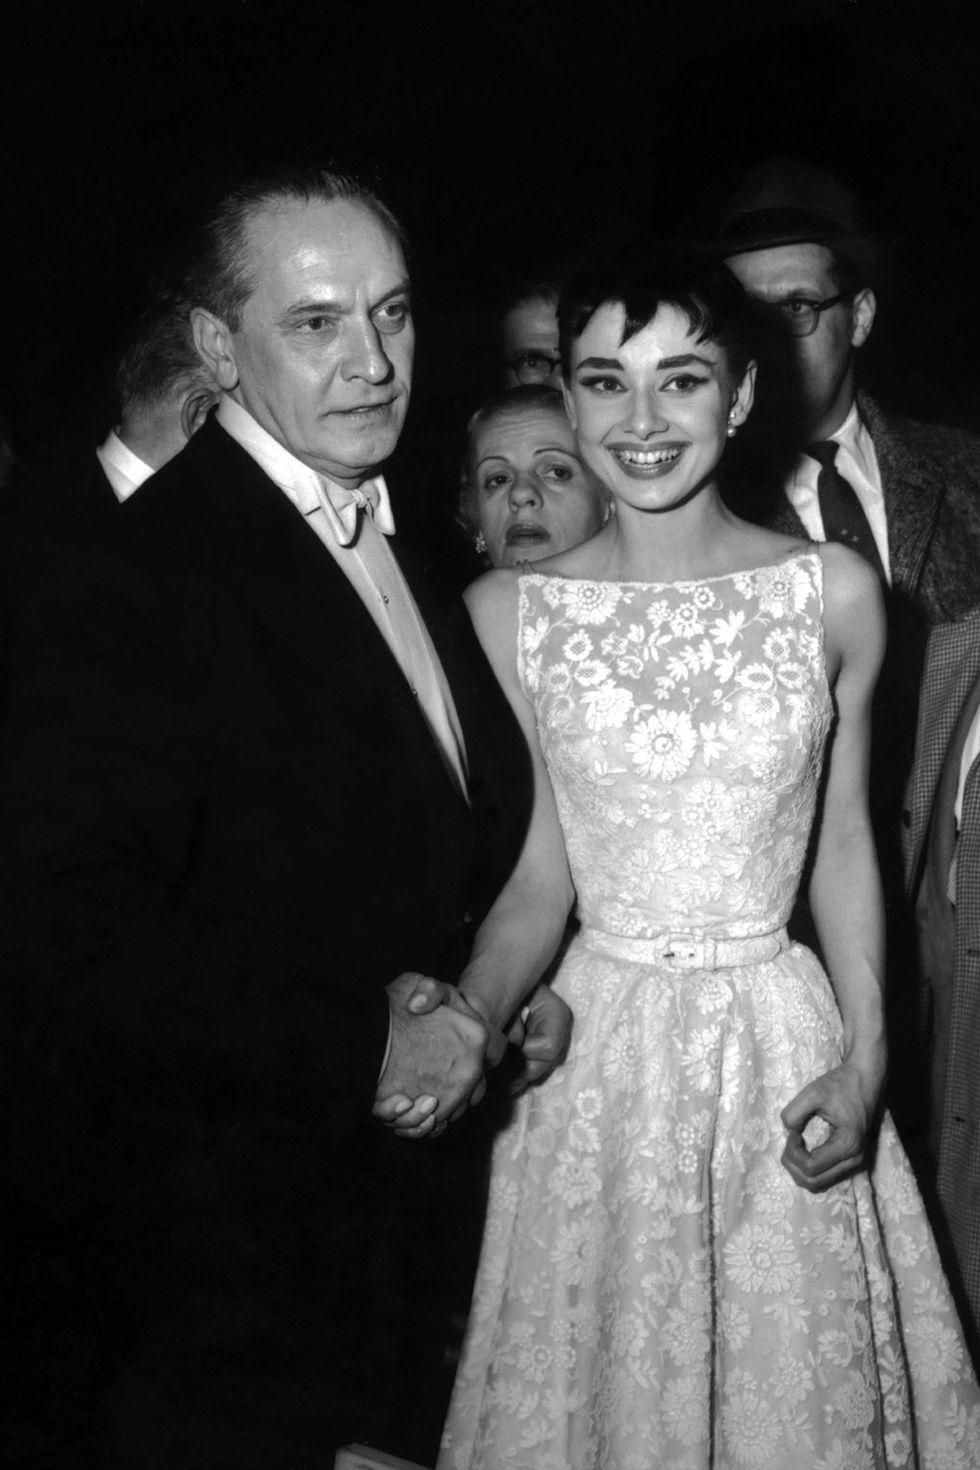 حفل تويزع جوائز الاوسكار عام 1954